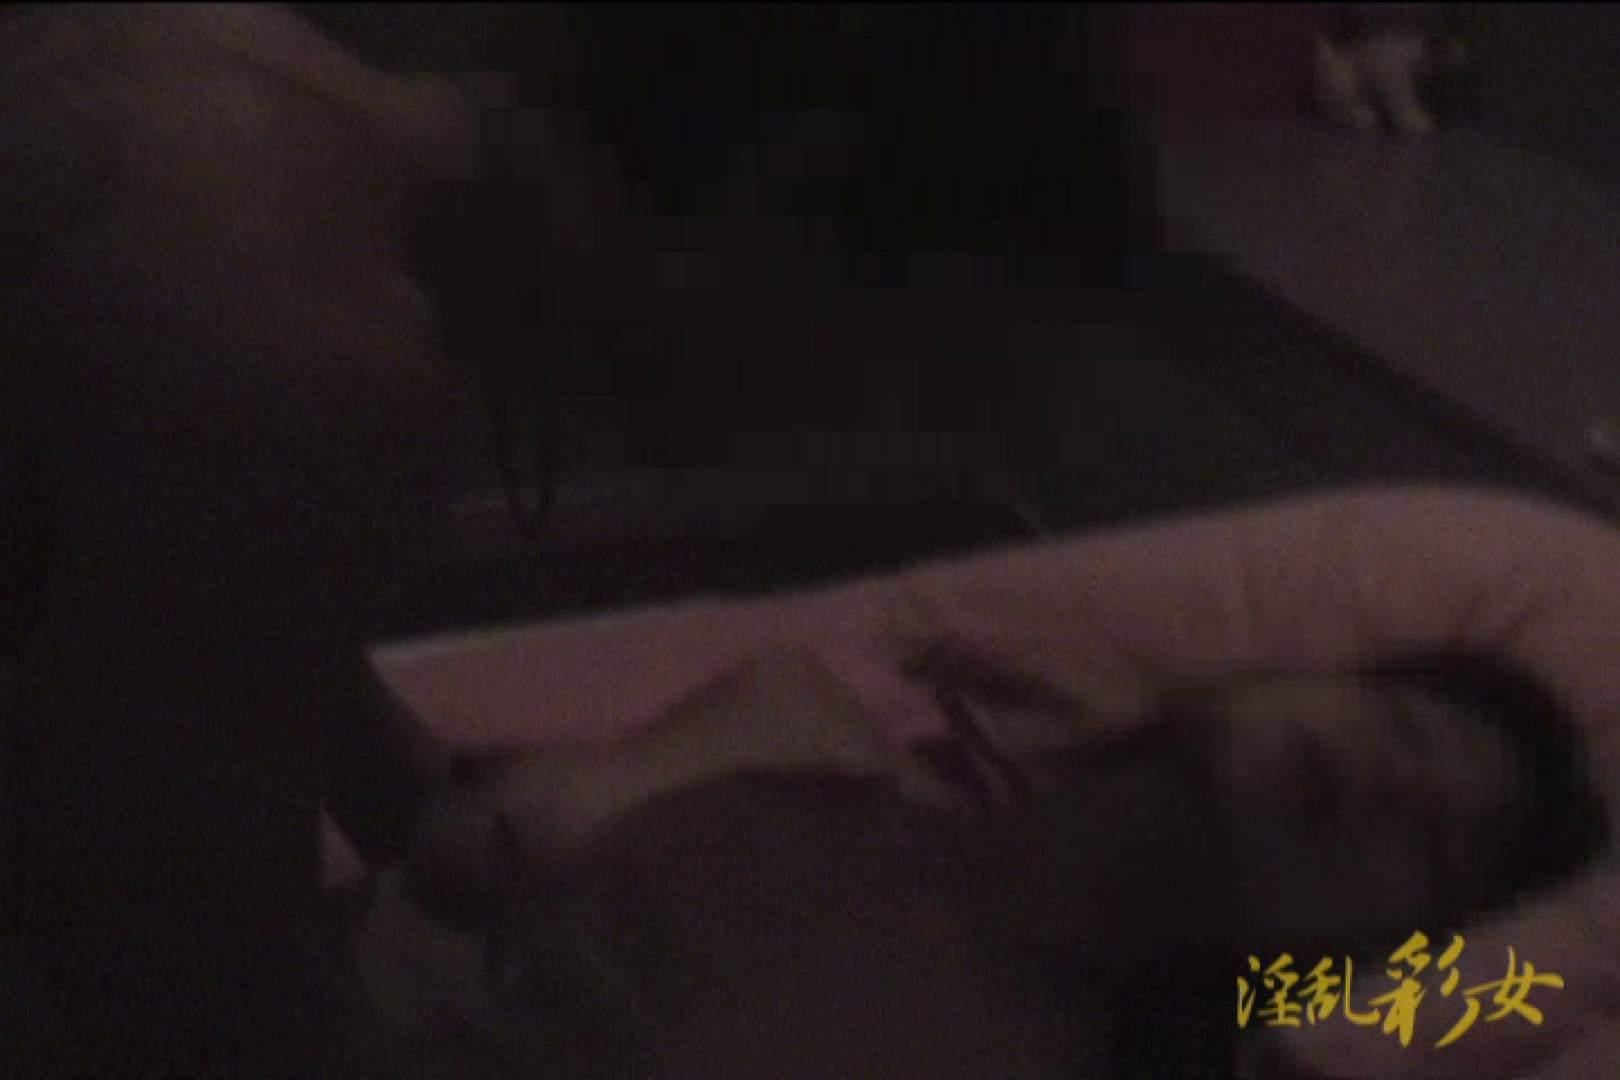 淫乱彩女 麻優里 旦那の前で王様ゲーム SEX | ホテル潜入  73pic 70